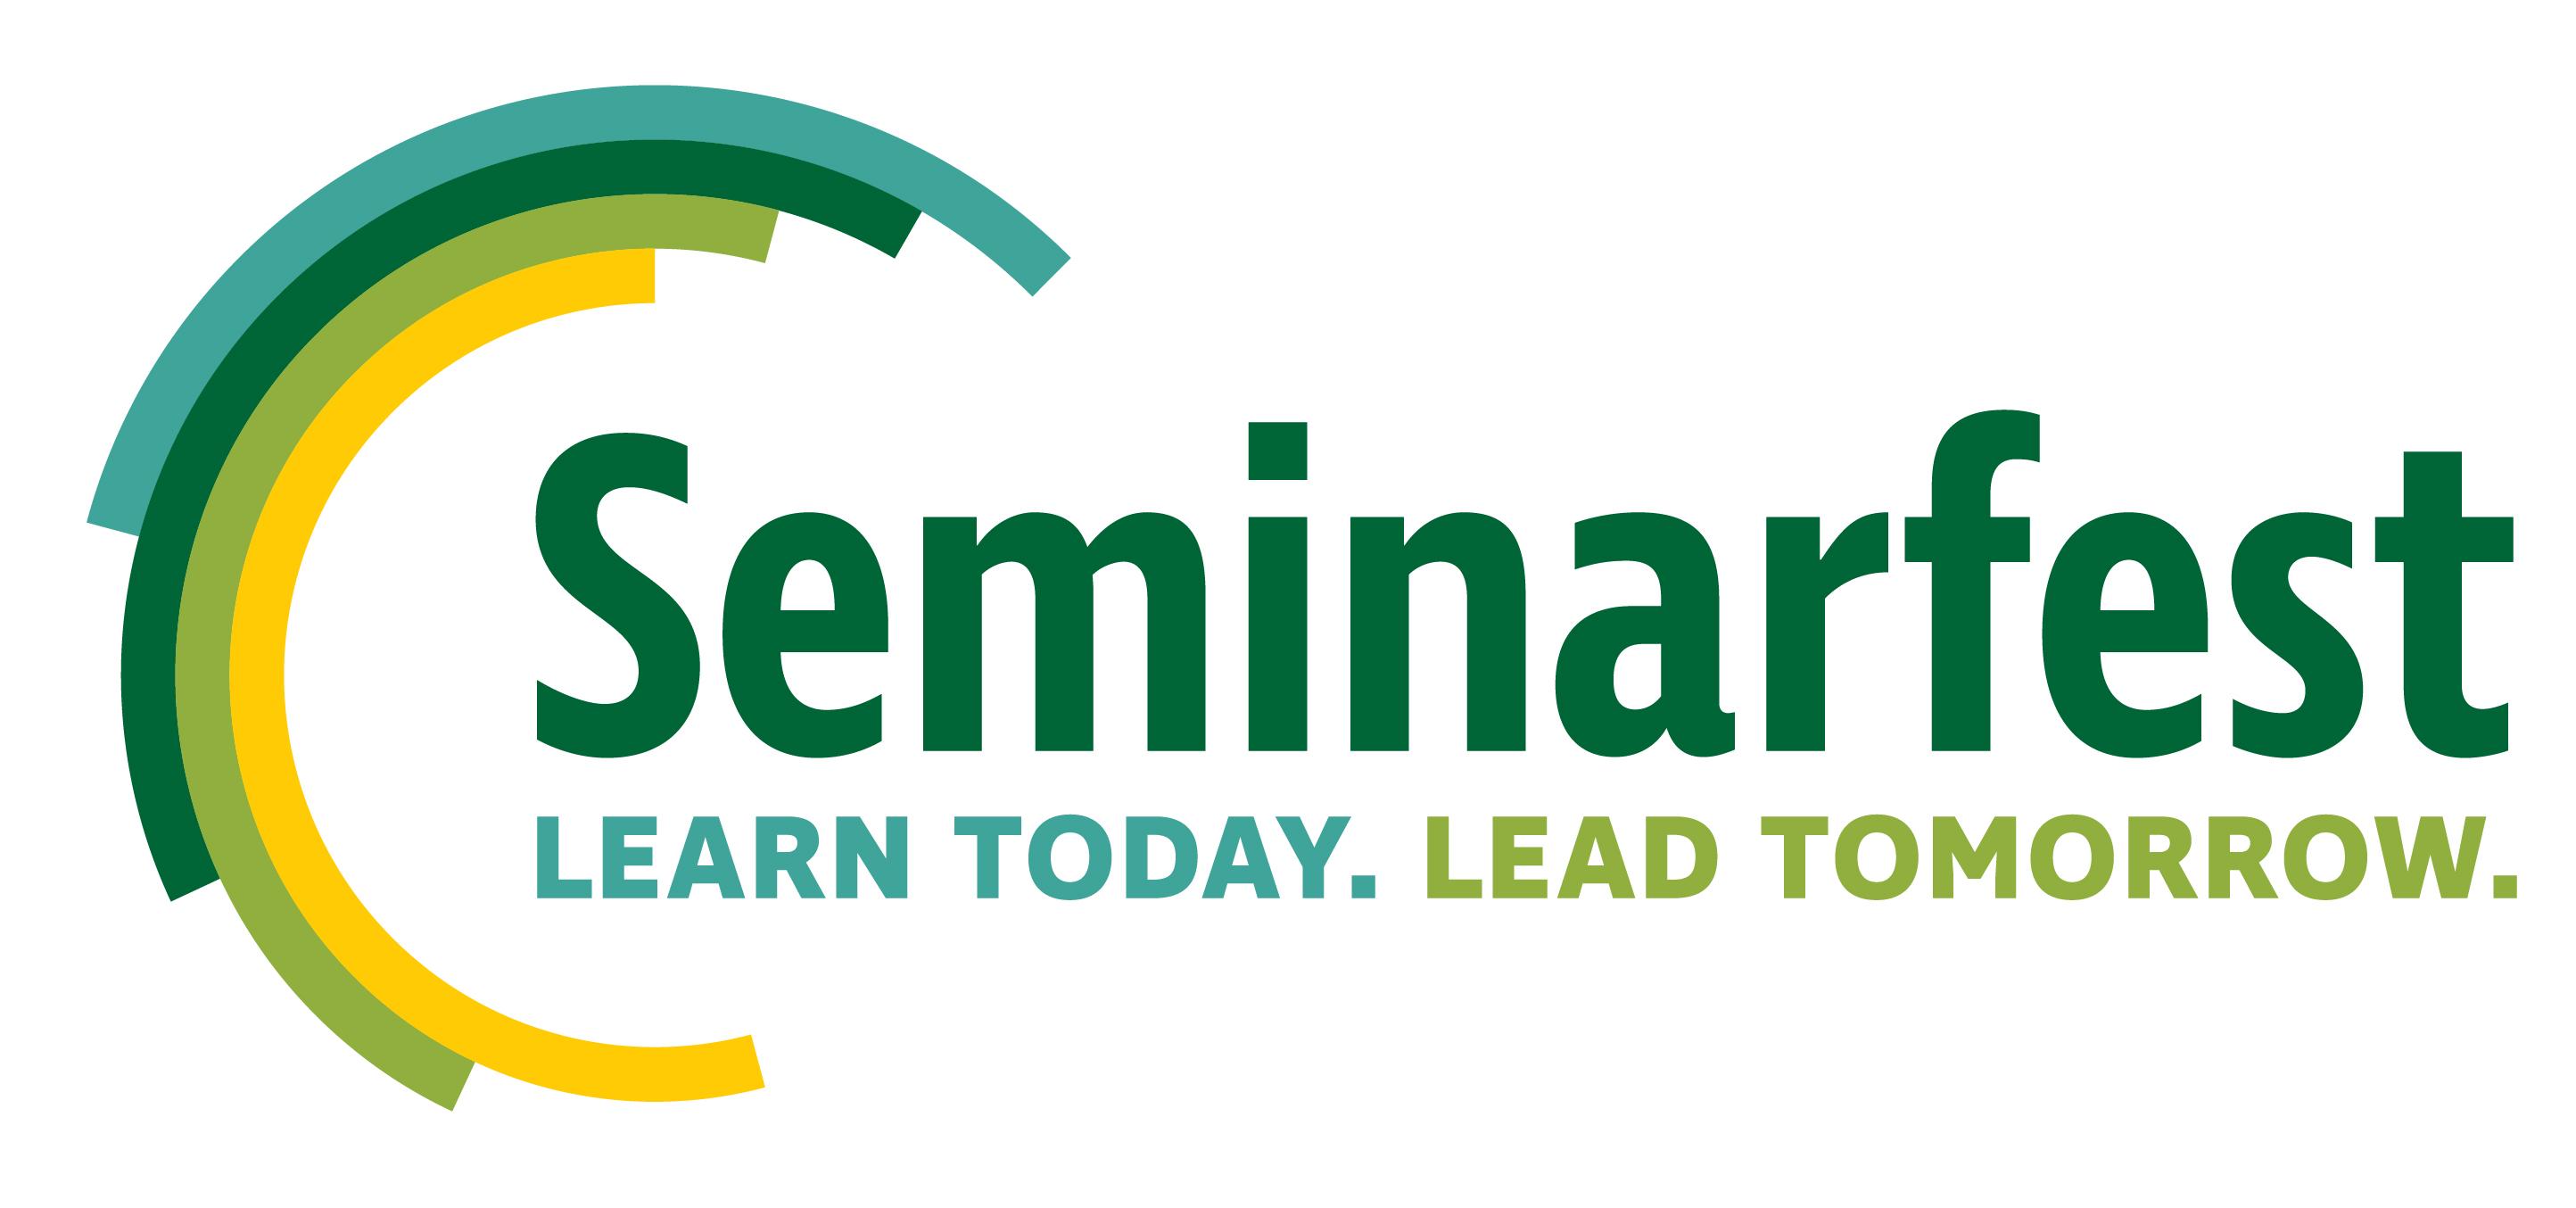 SU_Seminarfest2019